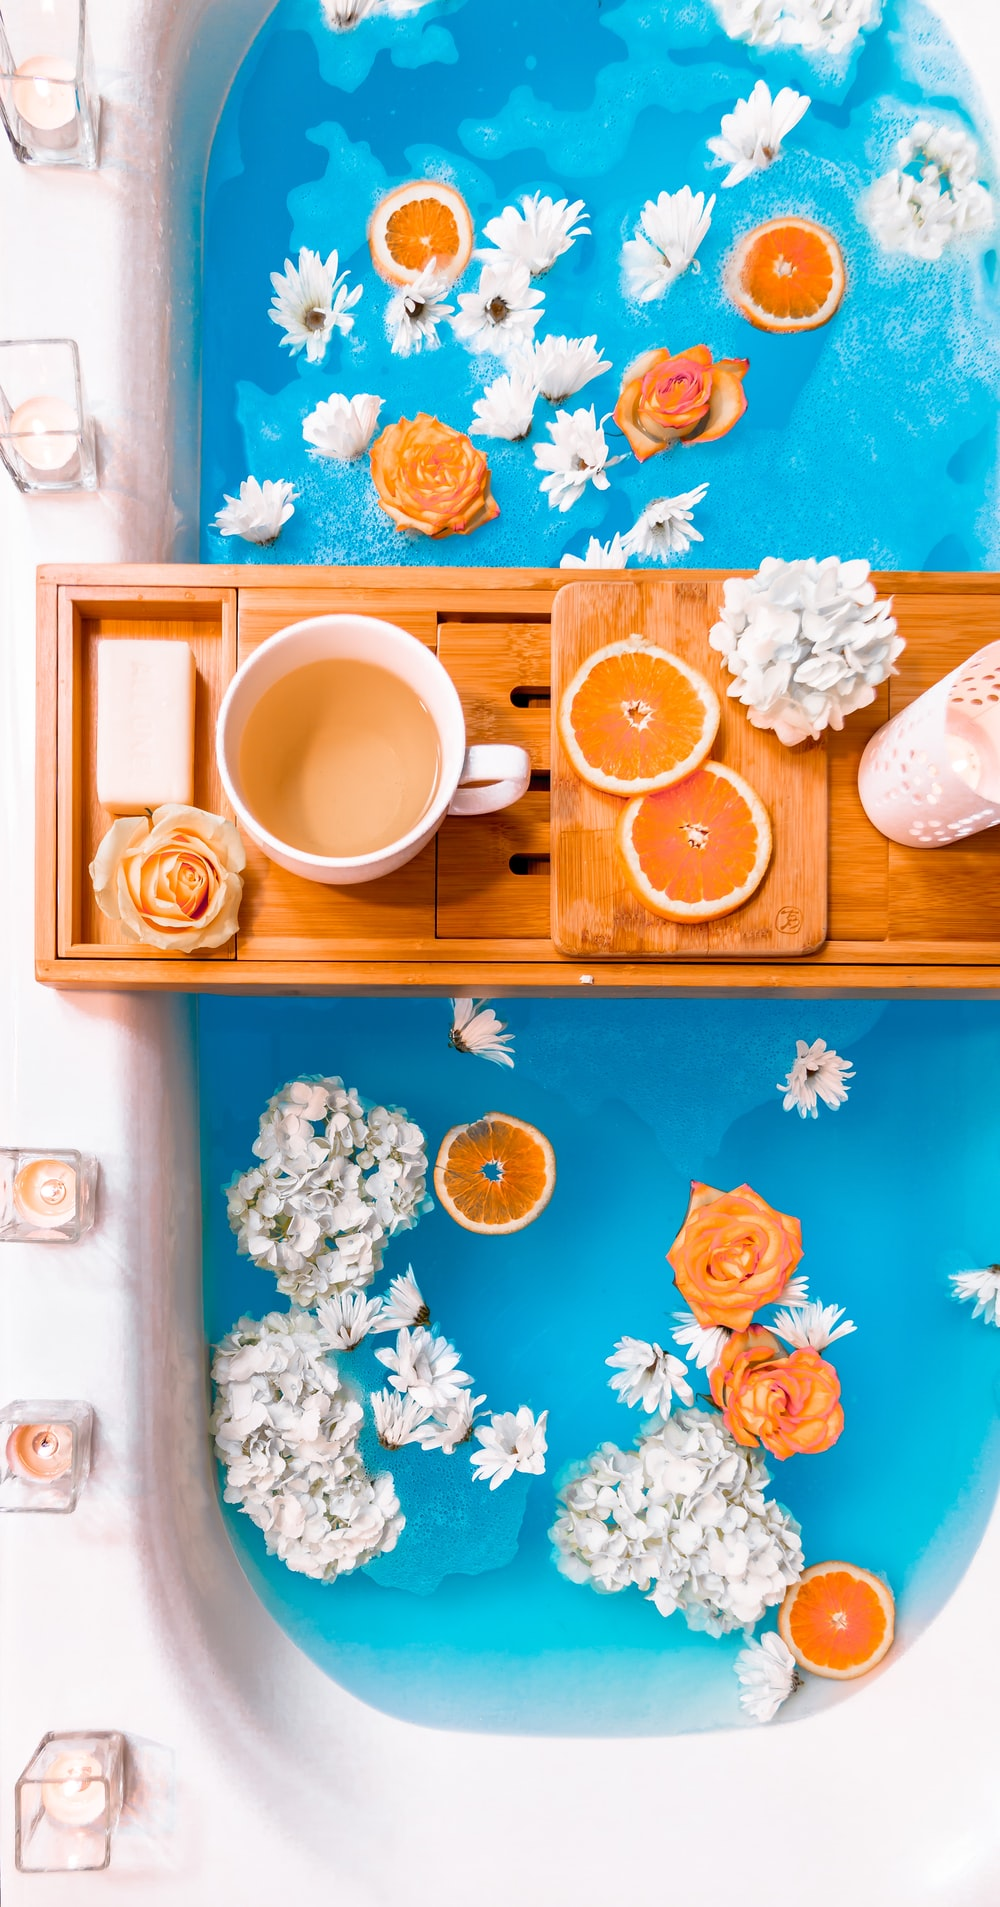 filled mug on brown wooden bathtub tray